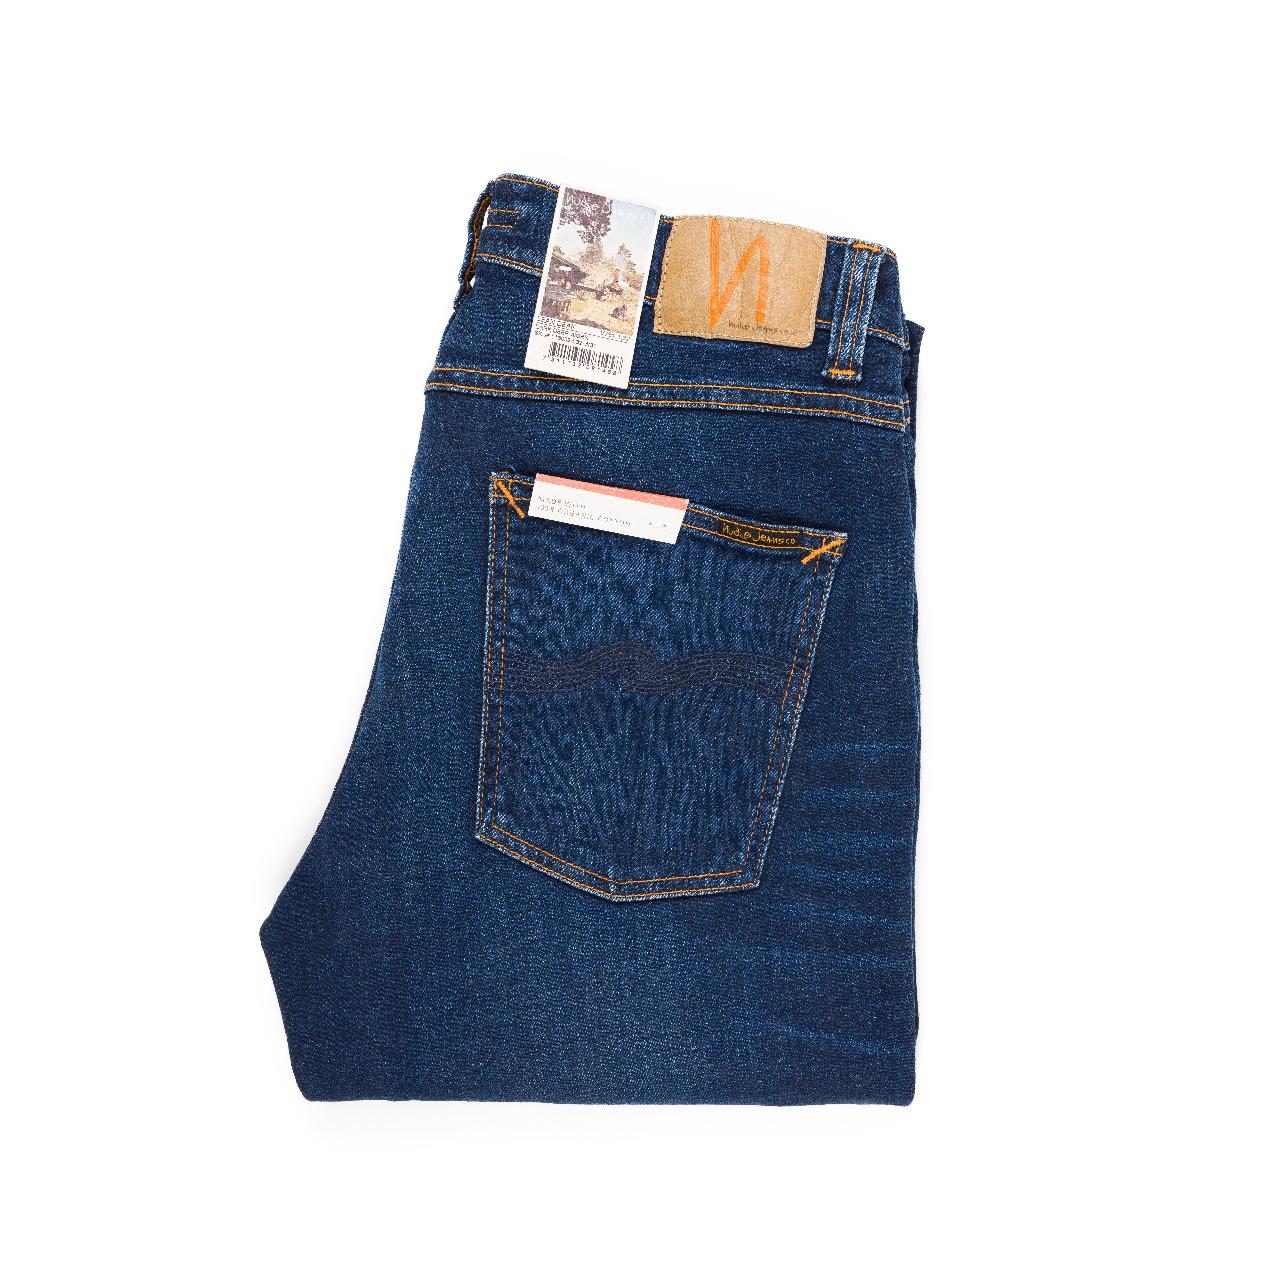 Nudie Jeans - LEAN DEAN - Dark Deep Worn